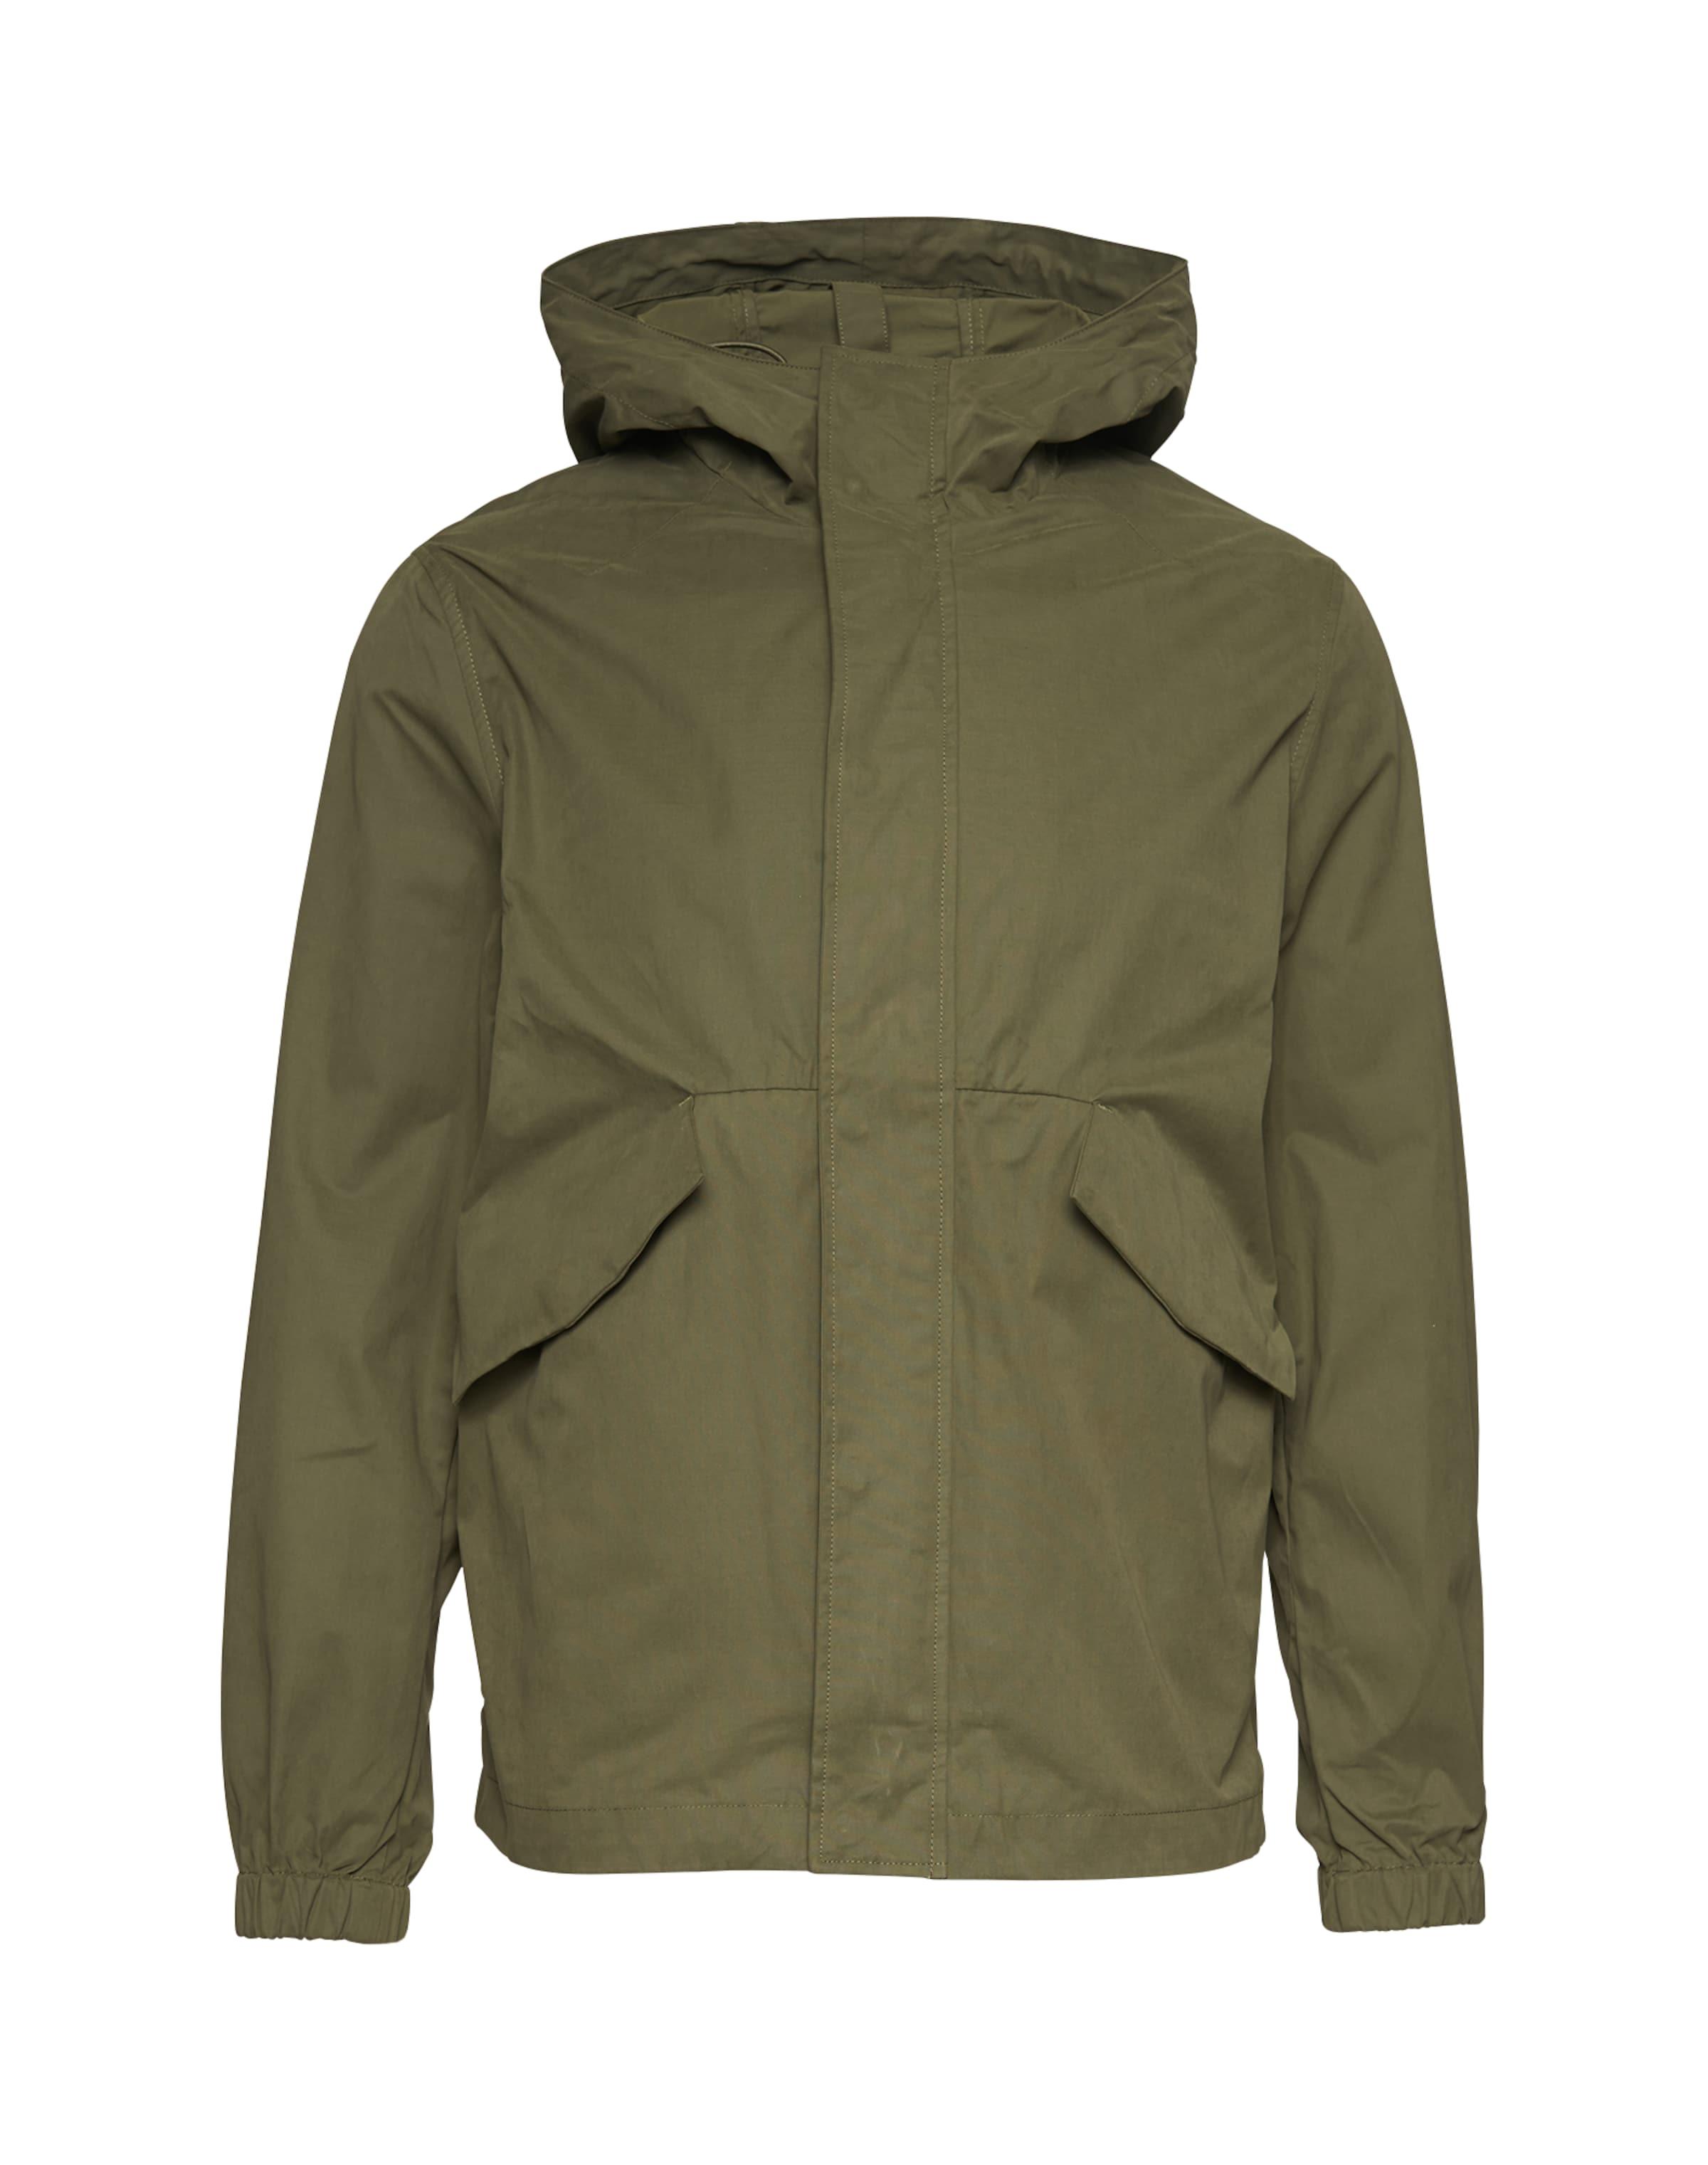 Auslass Sast Only & Sons Jacke 'NORD' Qualität Preiswerte Reale Freies Verschiffen Klassische cQ8Mv4